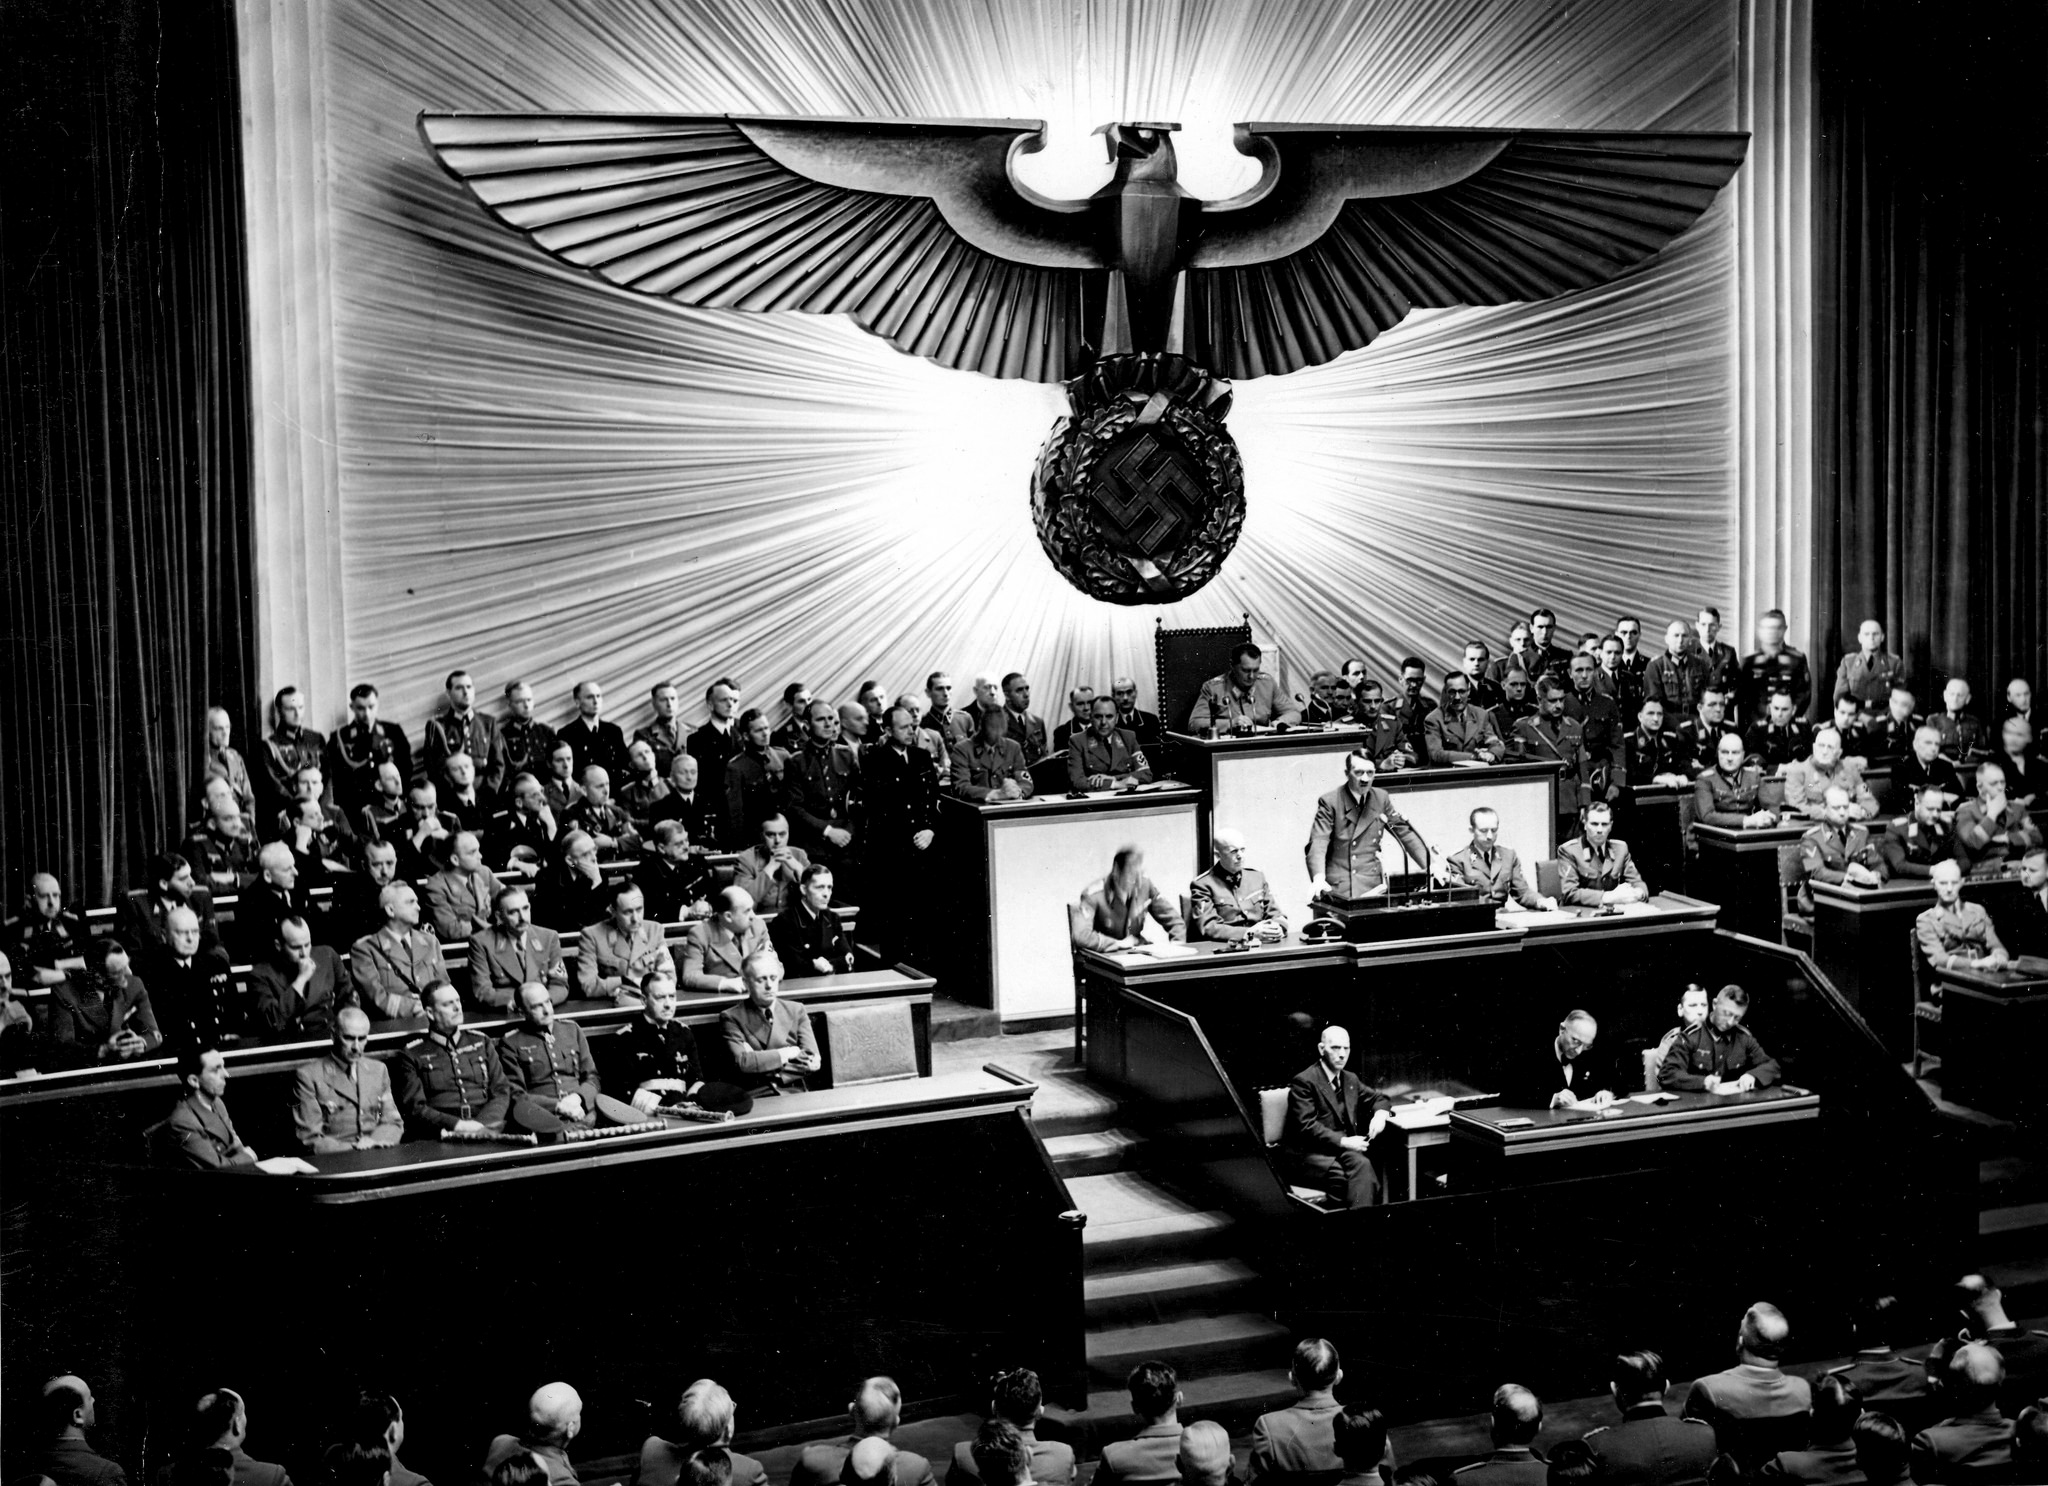 Operation Paperclip Wernher von Braun